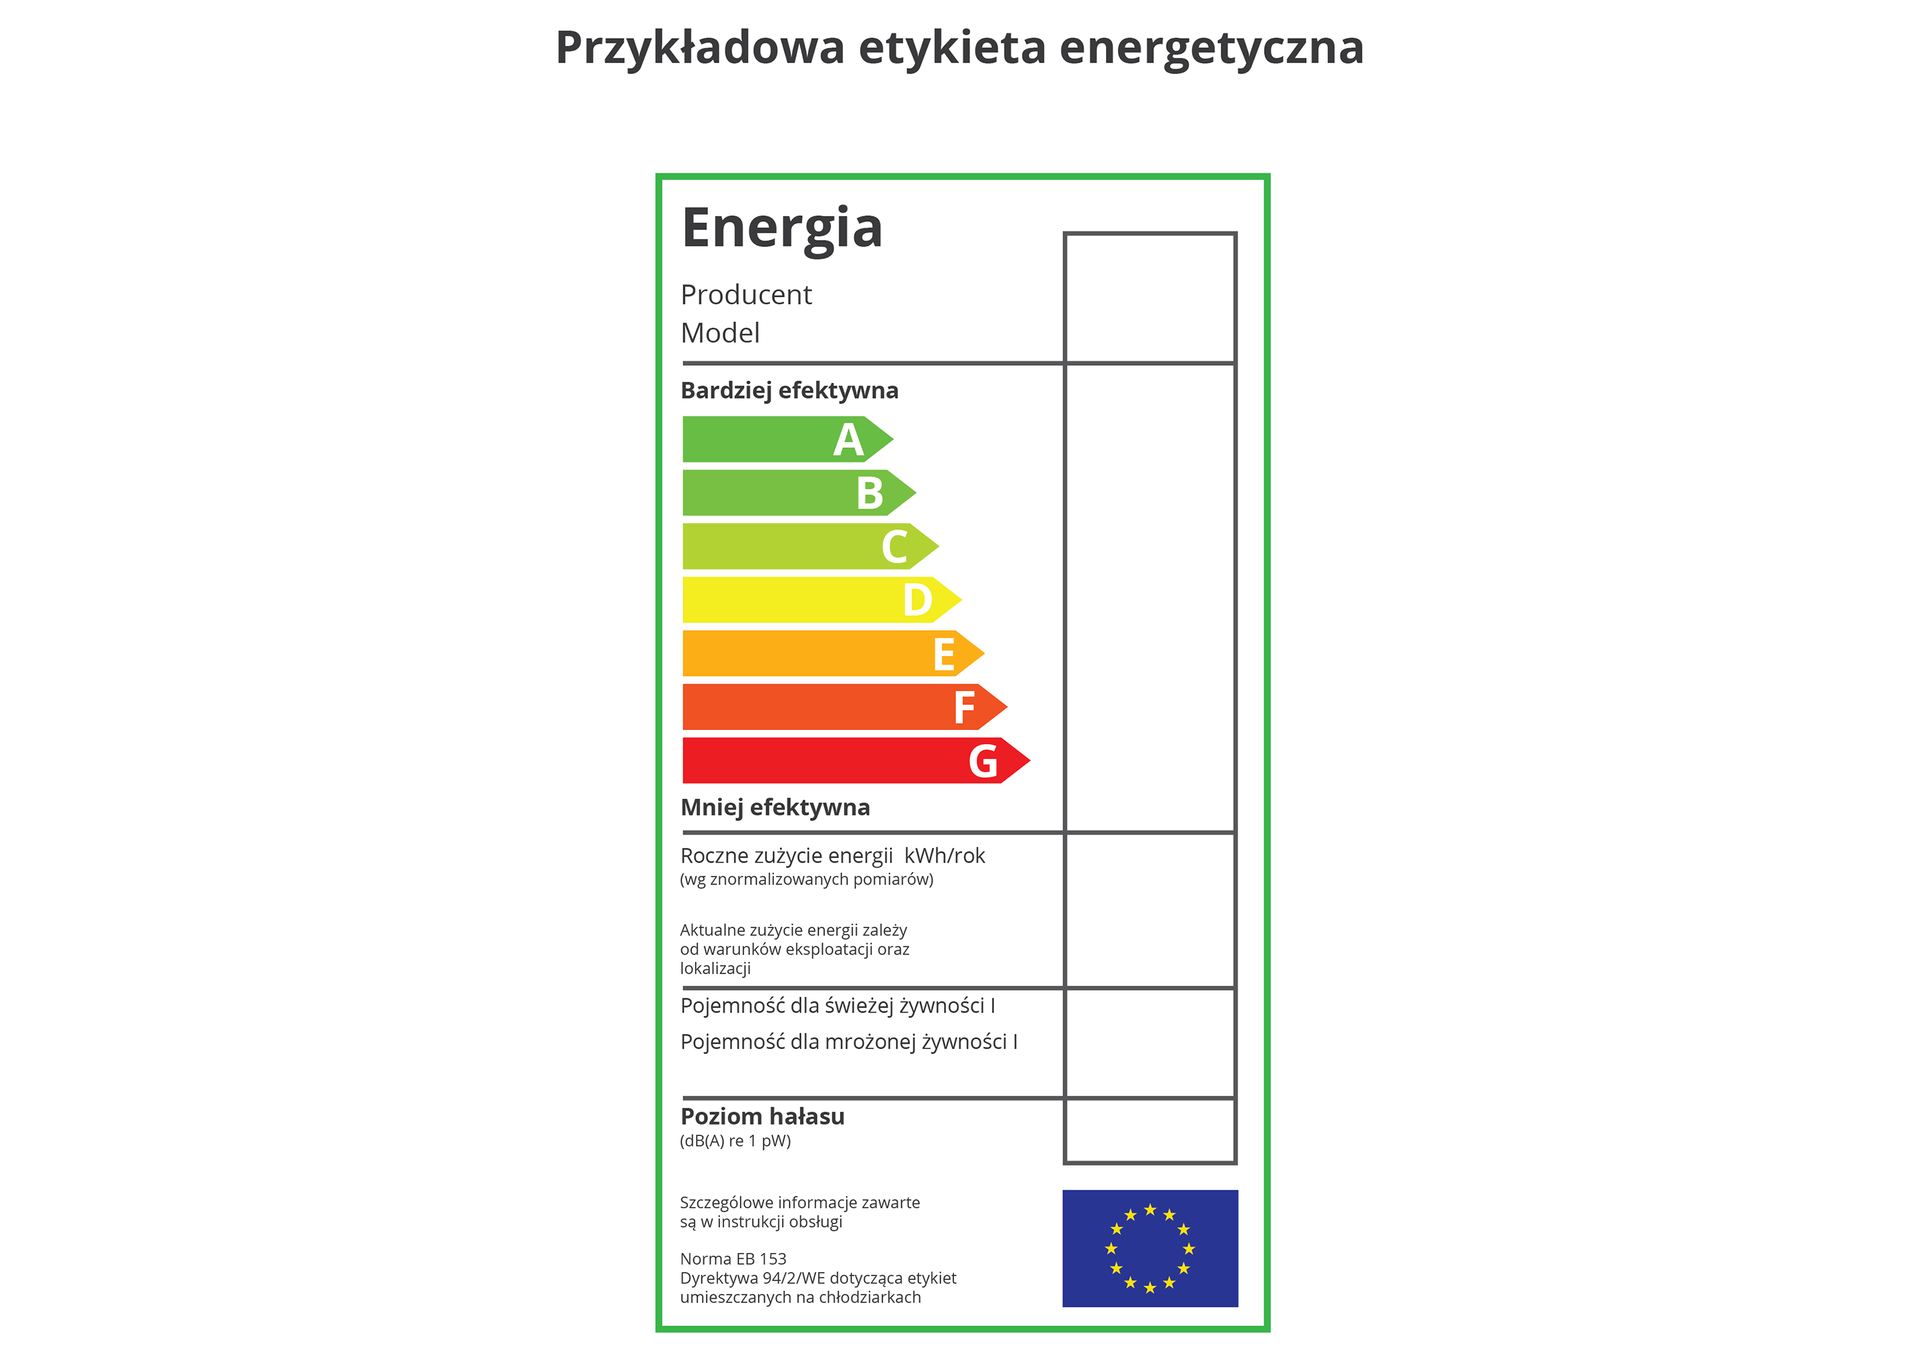 ilustracja przedstawia przykładową etykietę energetyczną. Pokazuje ona 7 klas efektywności działania urządzenia.